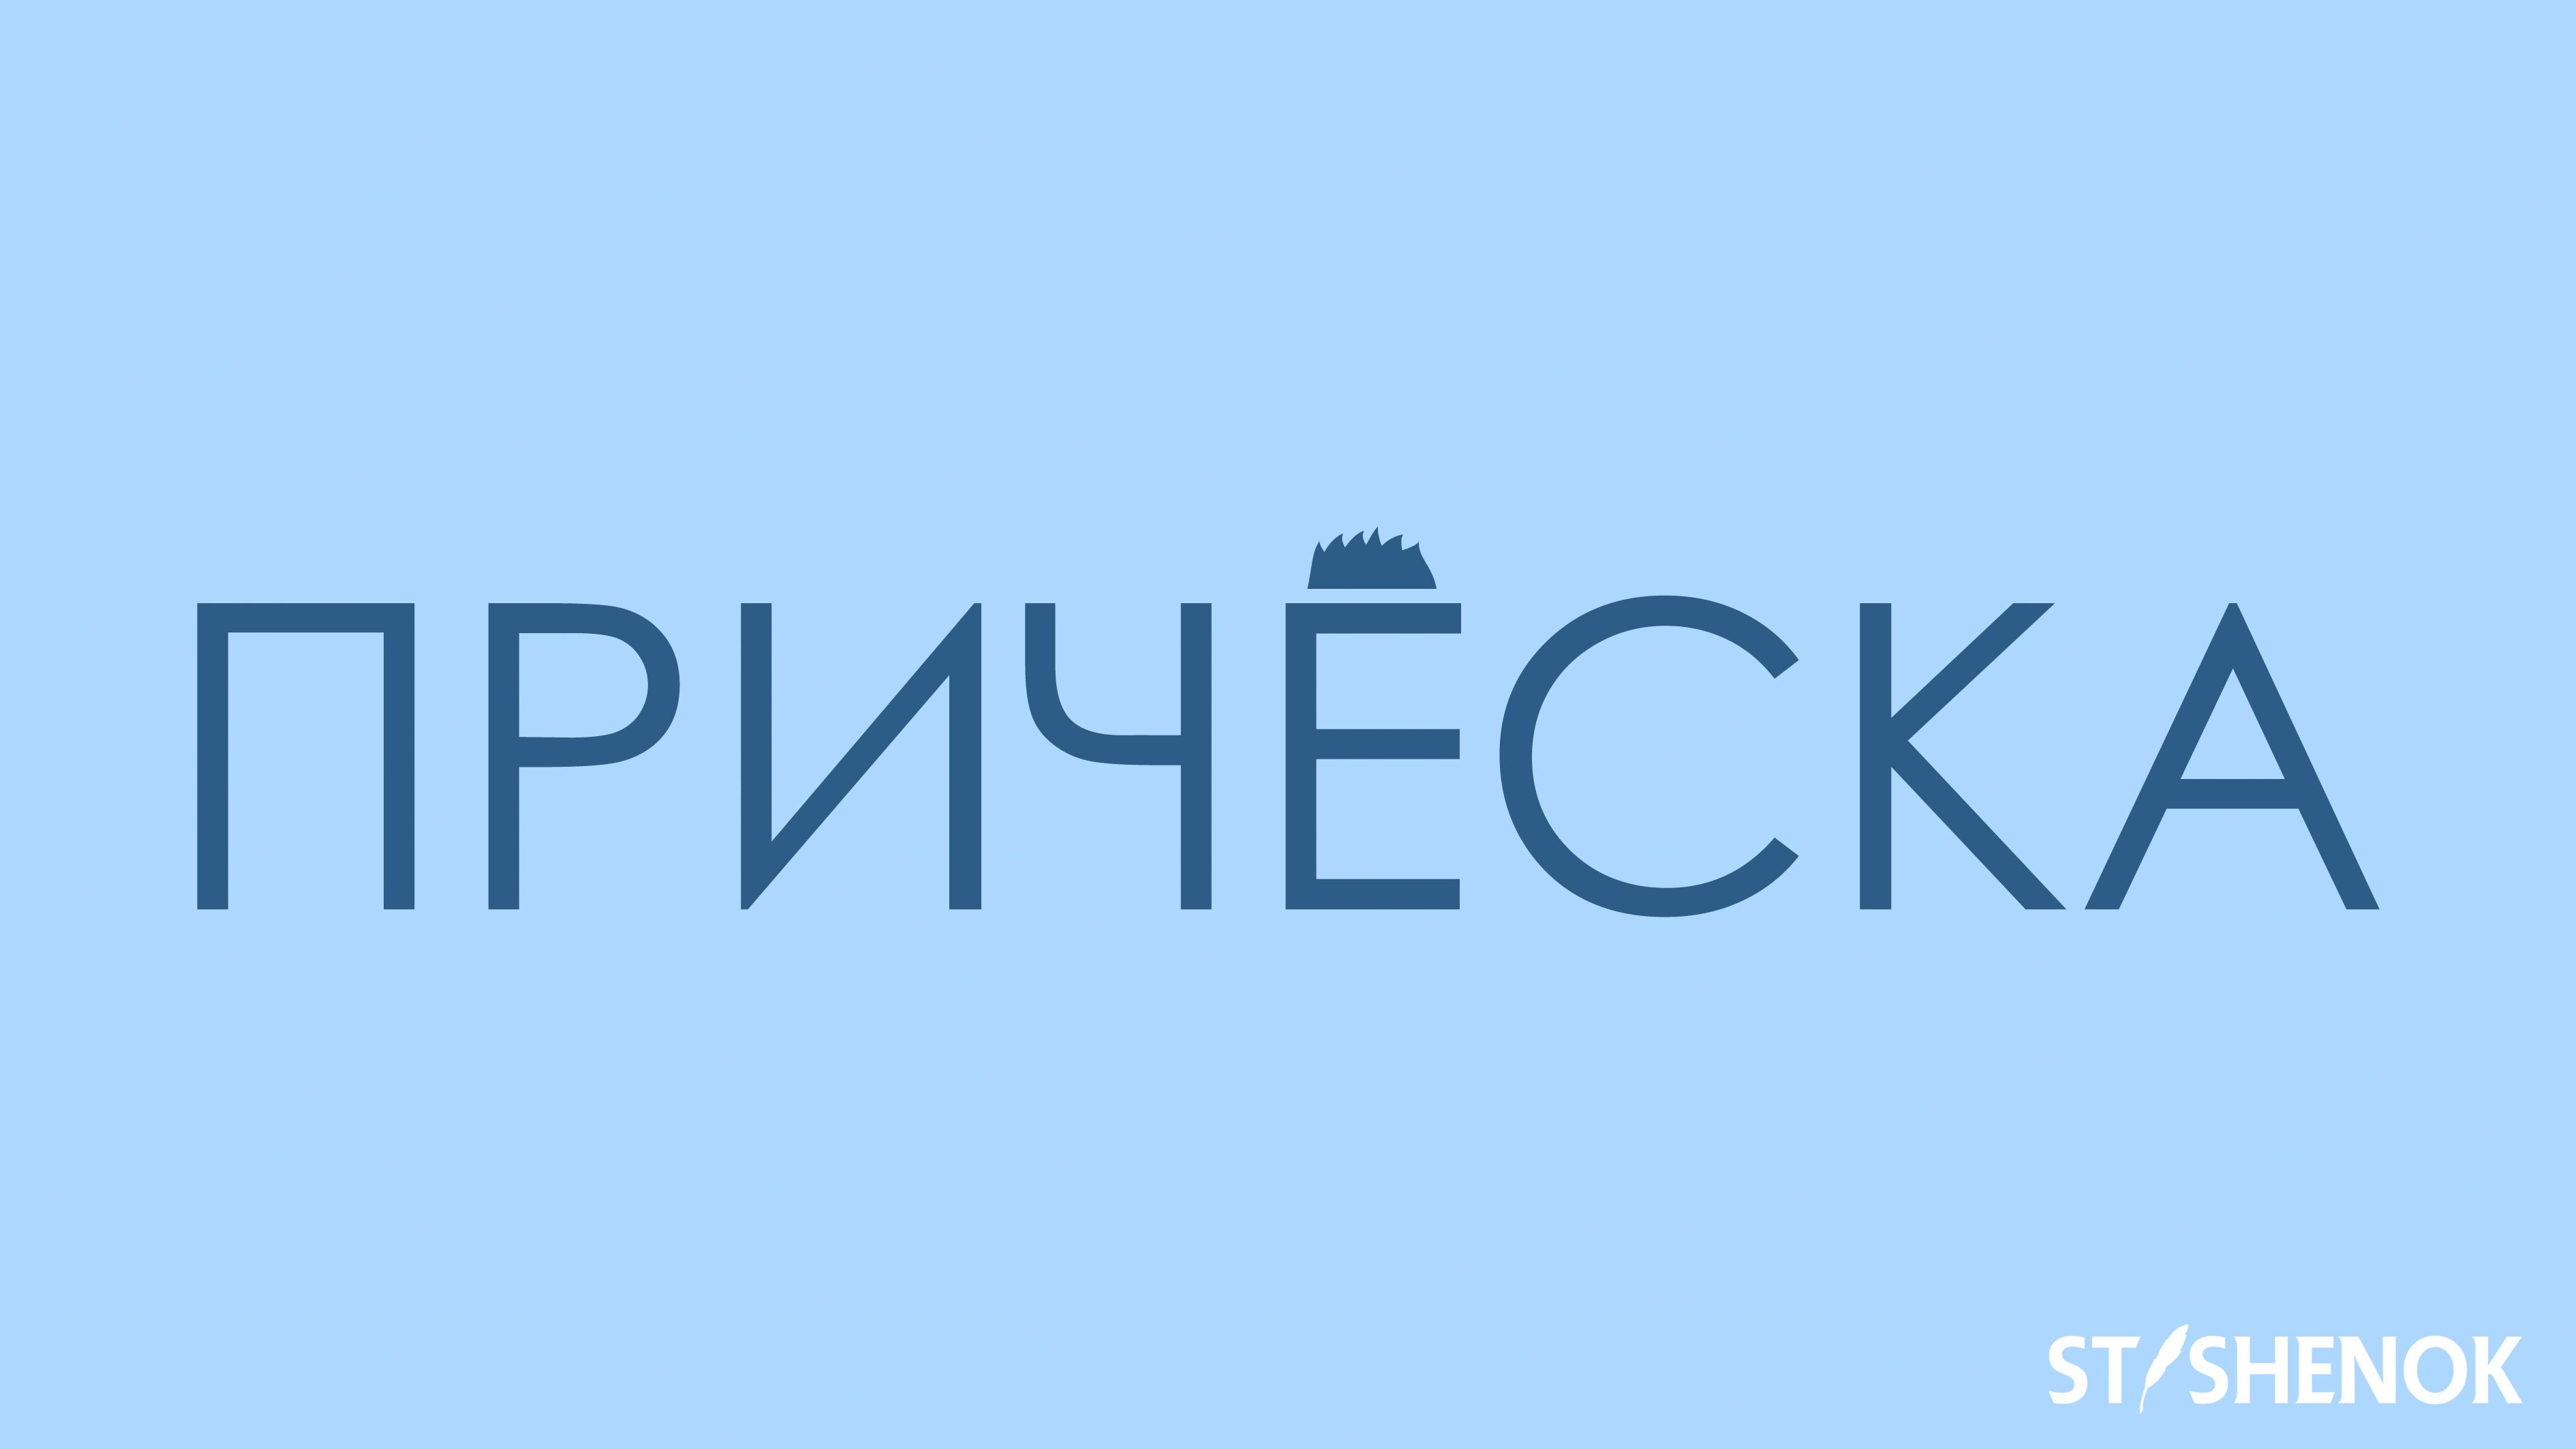 05 Pricheska